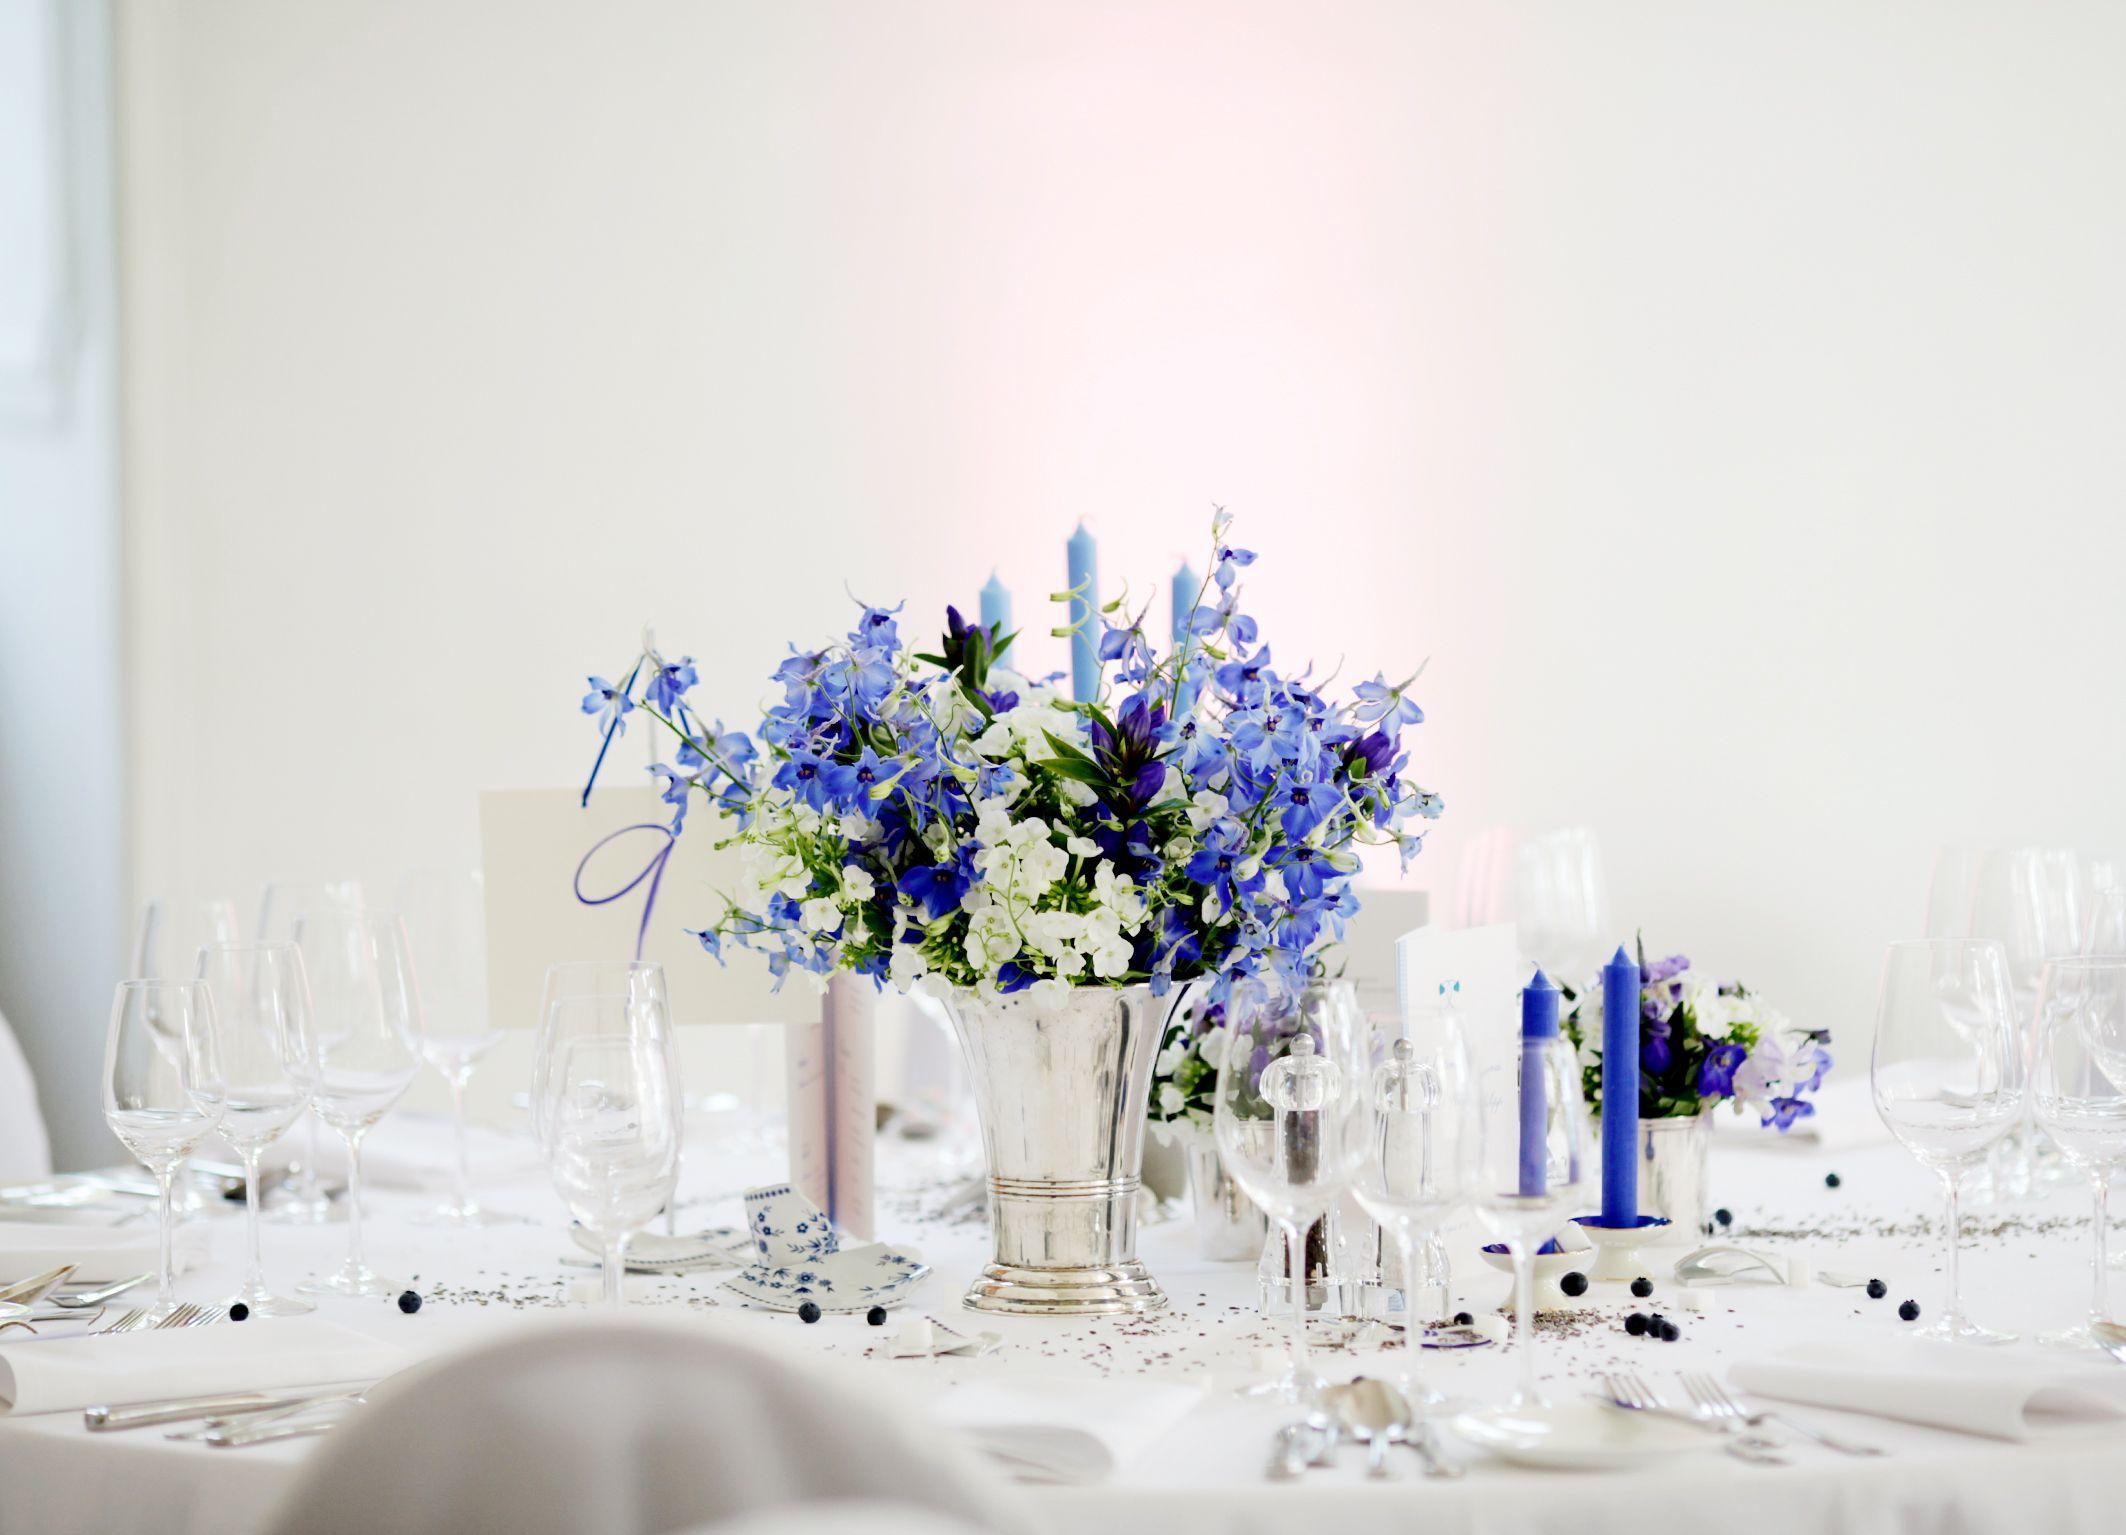 Pin Von Elli Fantastisch Auf Deko Wedding Romantic Und Ideas